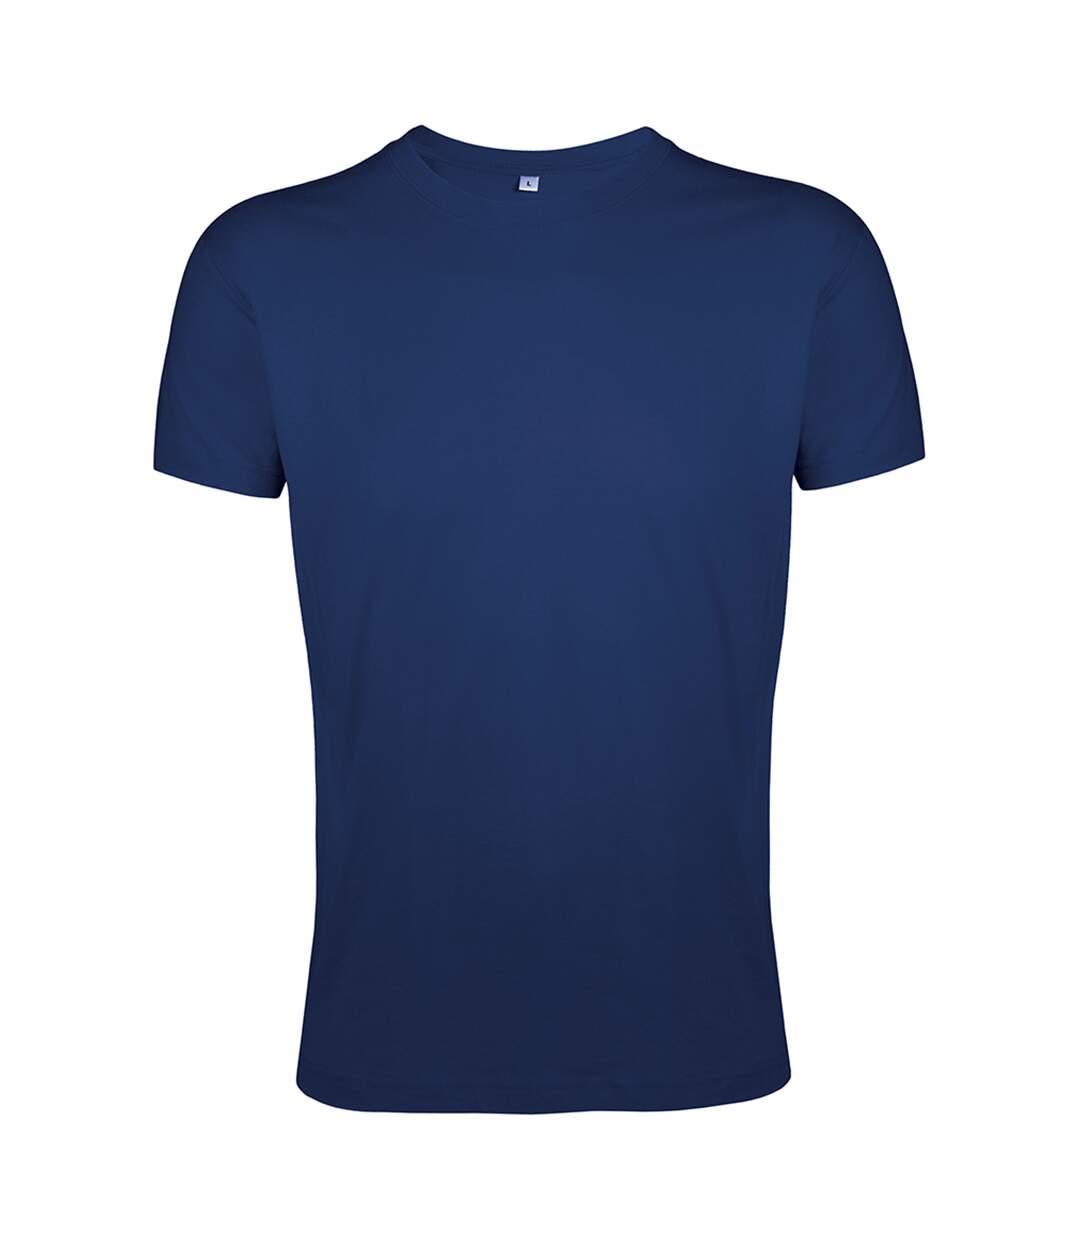 SOLS - T-shirt REGENT - Homme (Bleu marine) - UTPC506